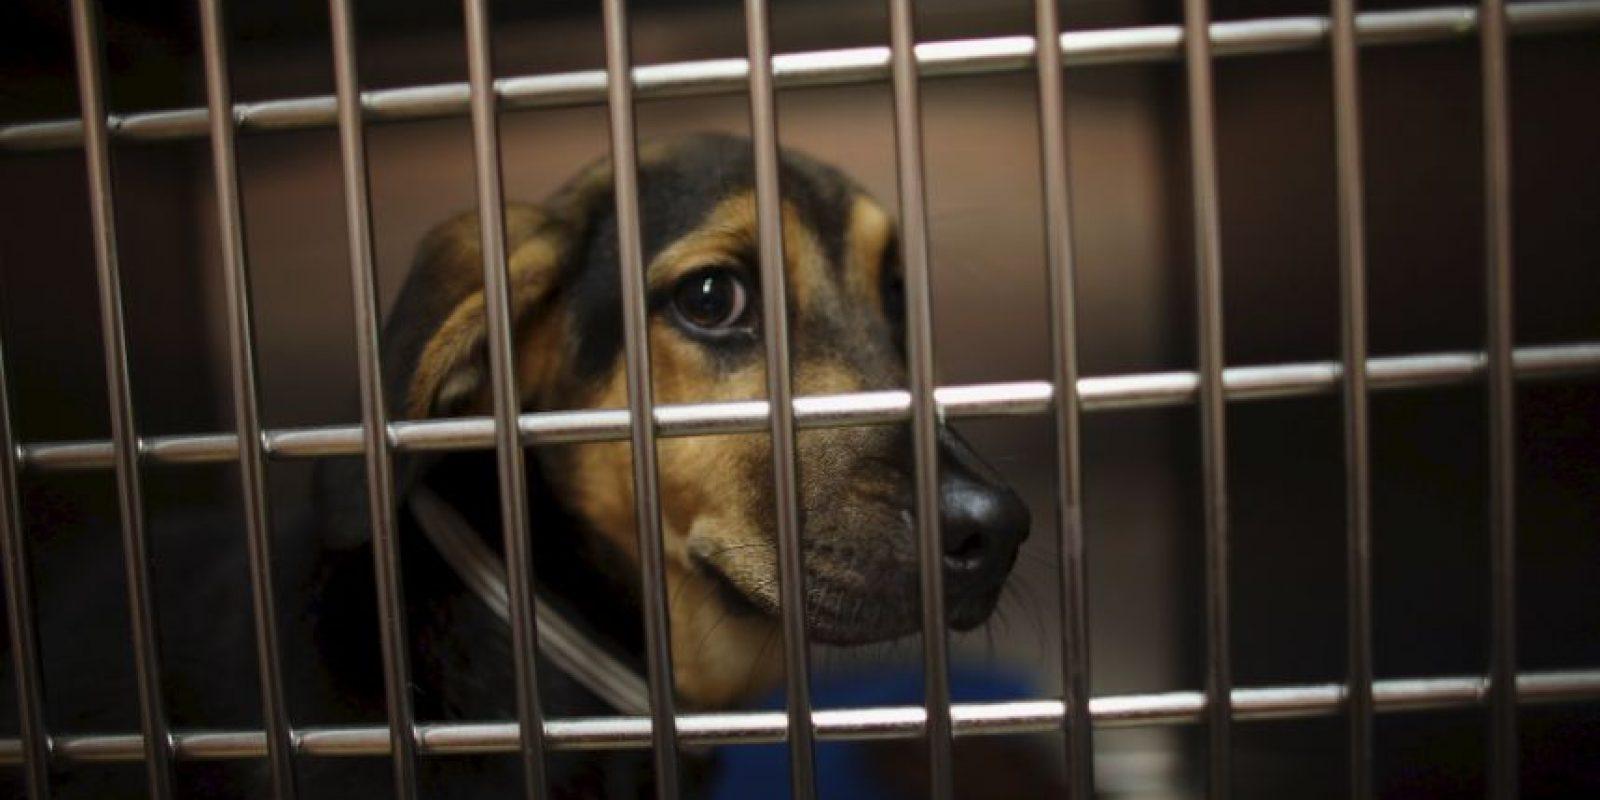 Las mascotas requieren comida, agua, ejercicio y compañía todos los días. Foto:Getty Images